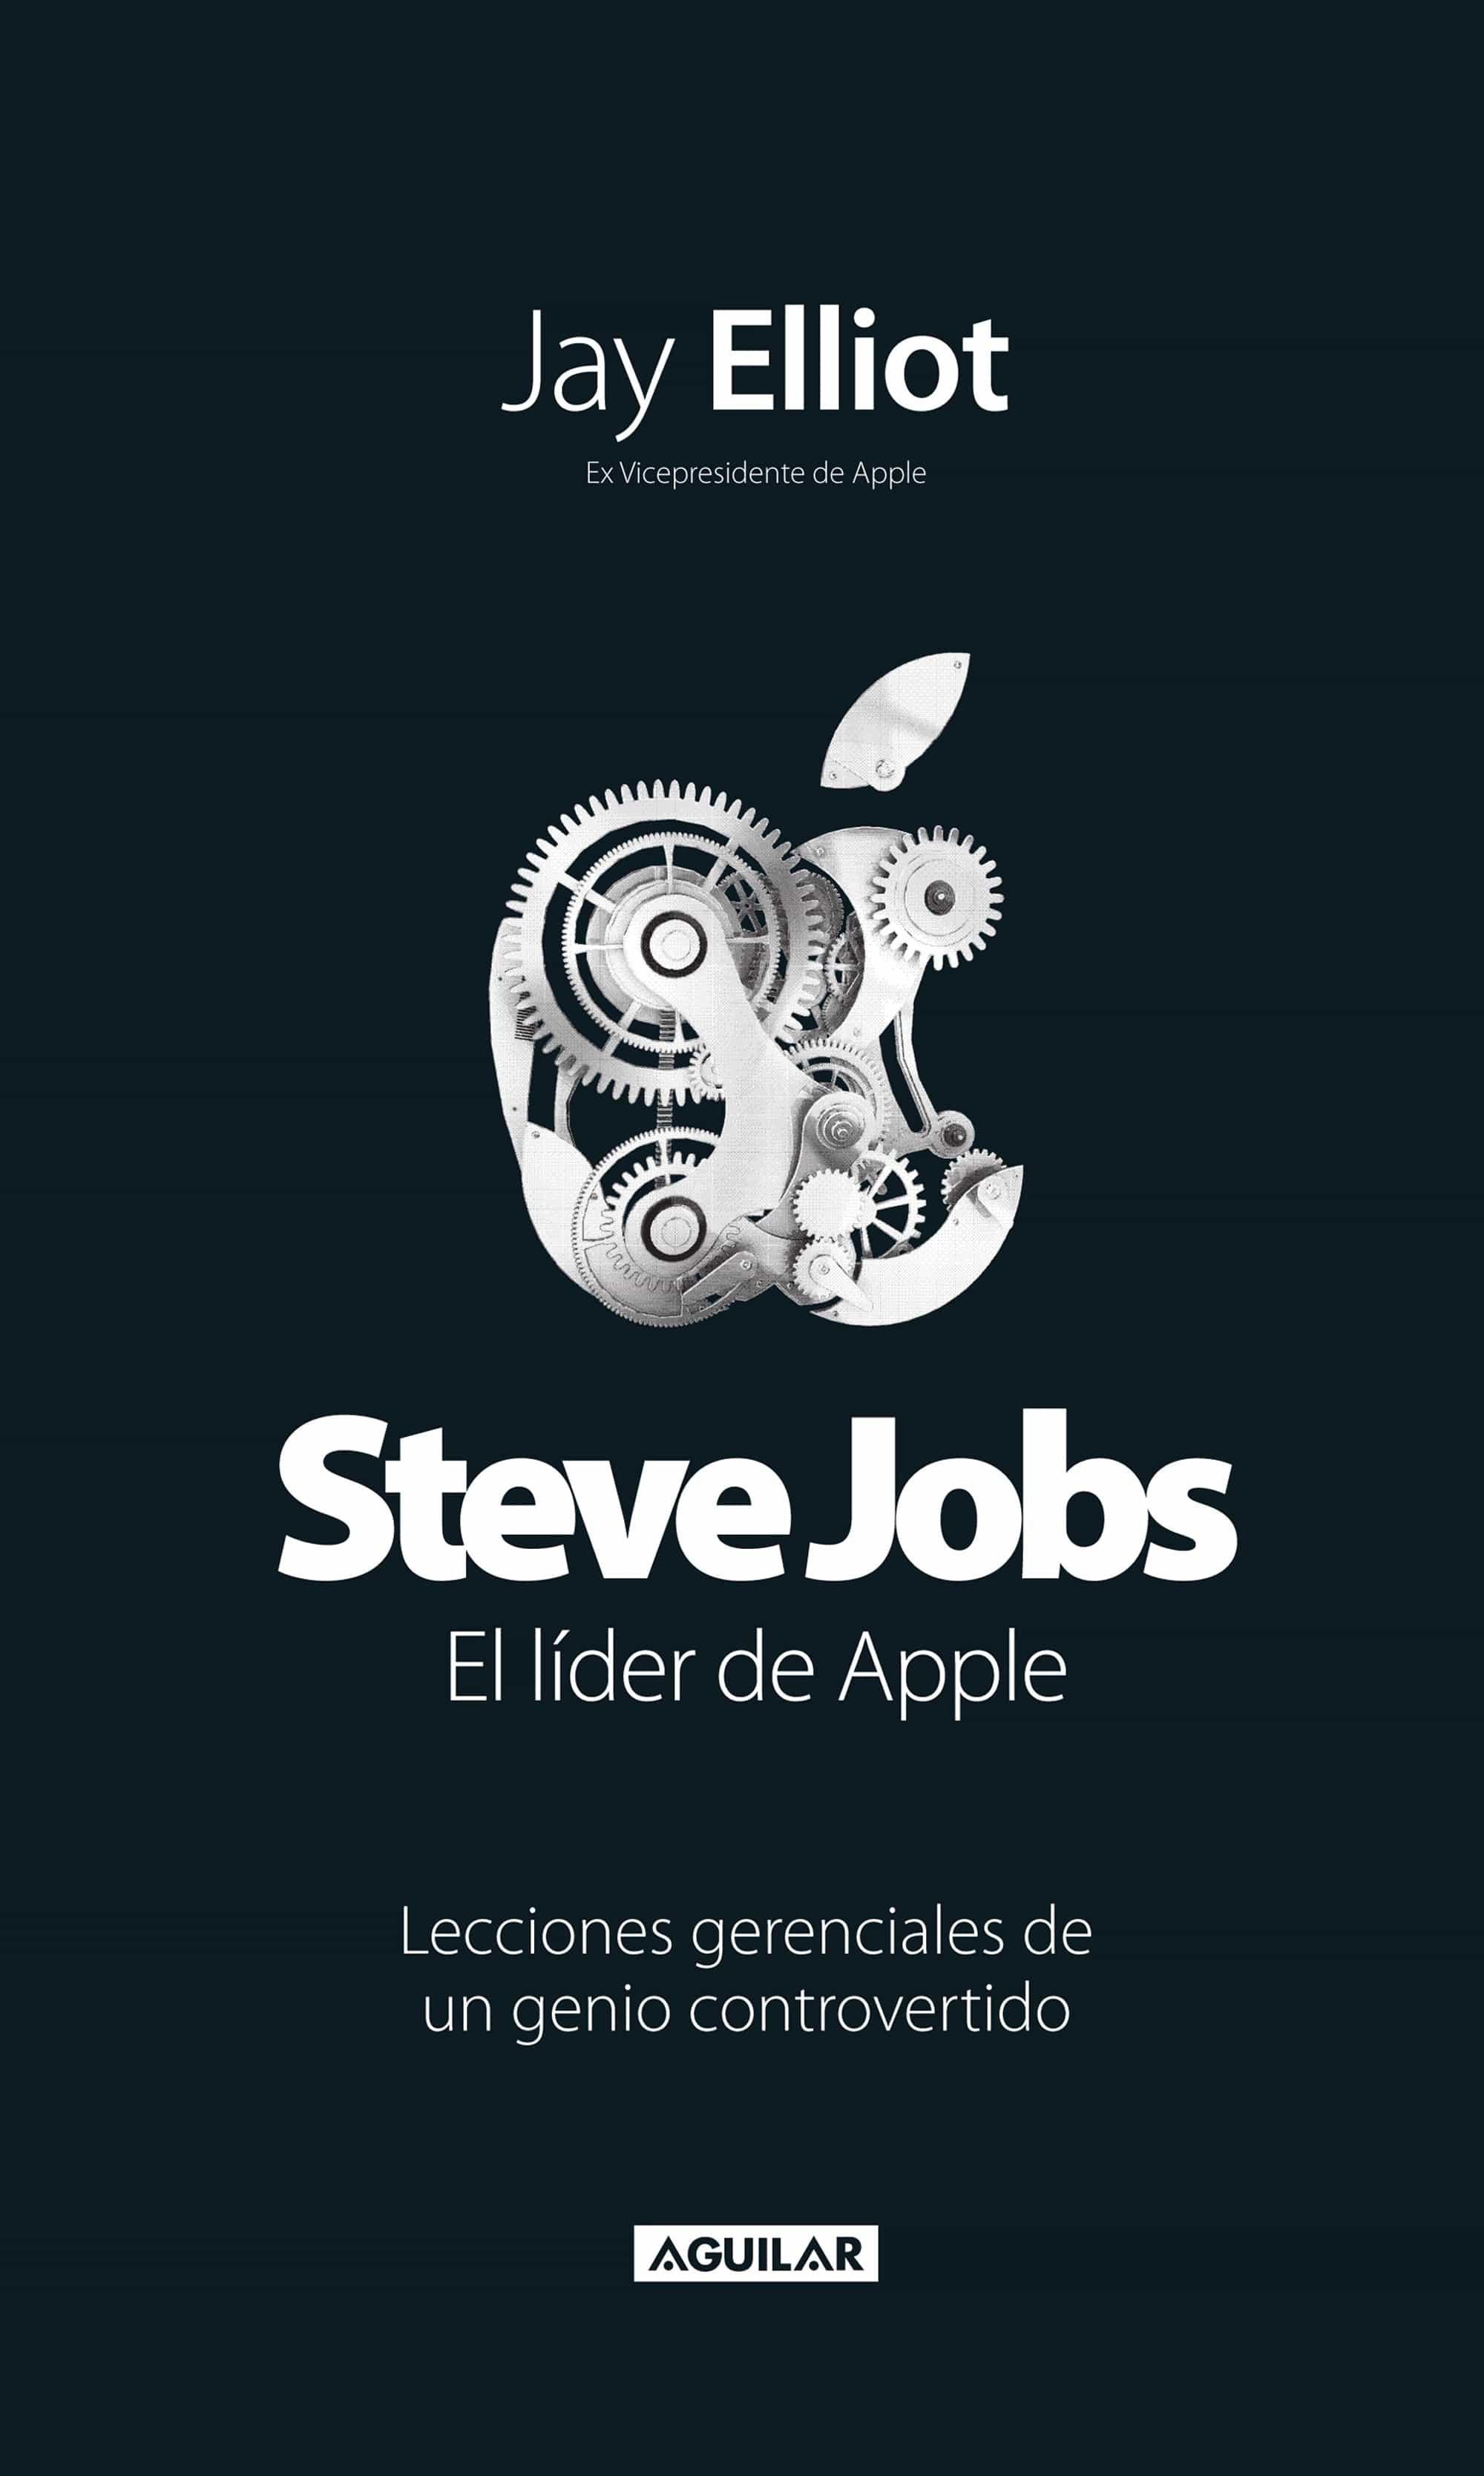 Steve Jobs El Lider De Apple Ebook Jay Elliot Descargar Libro